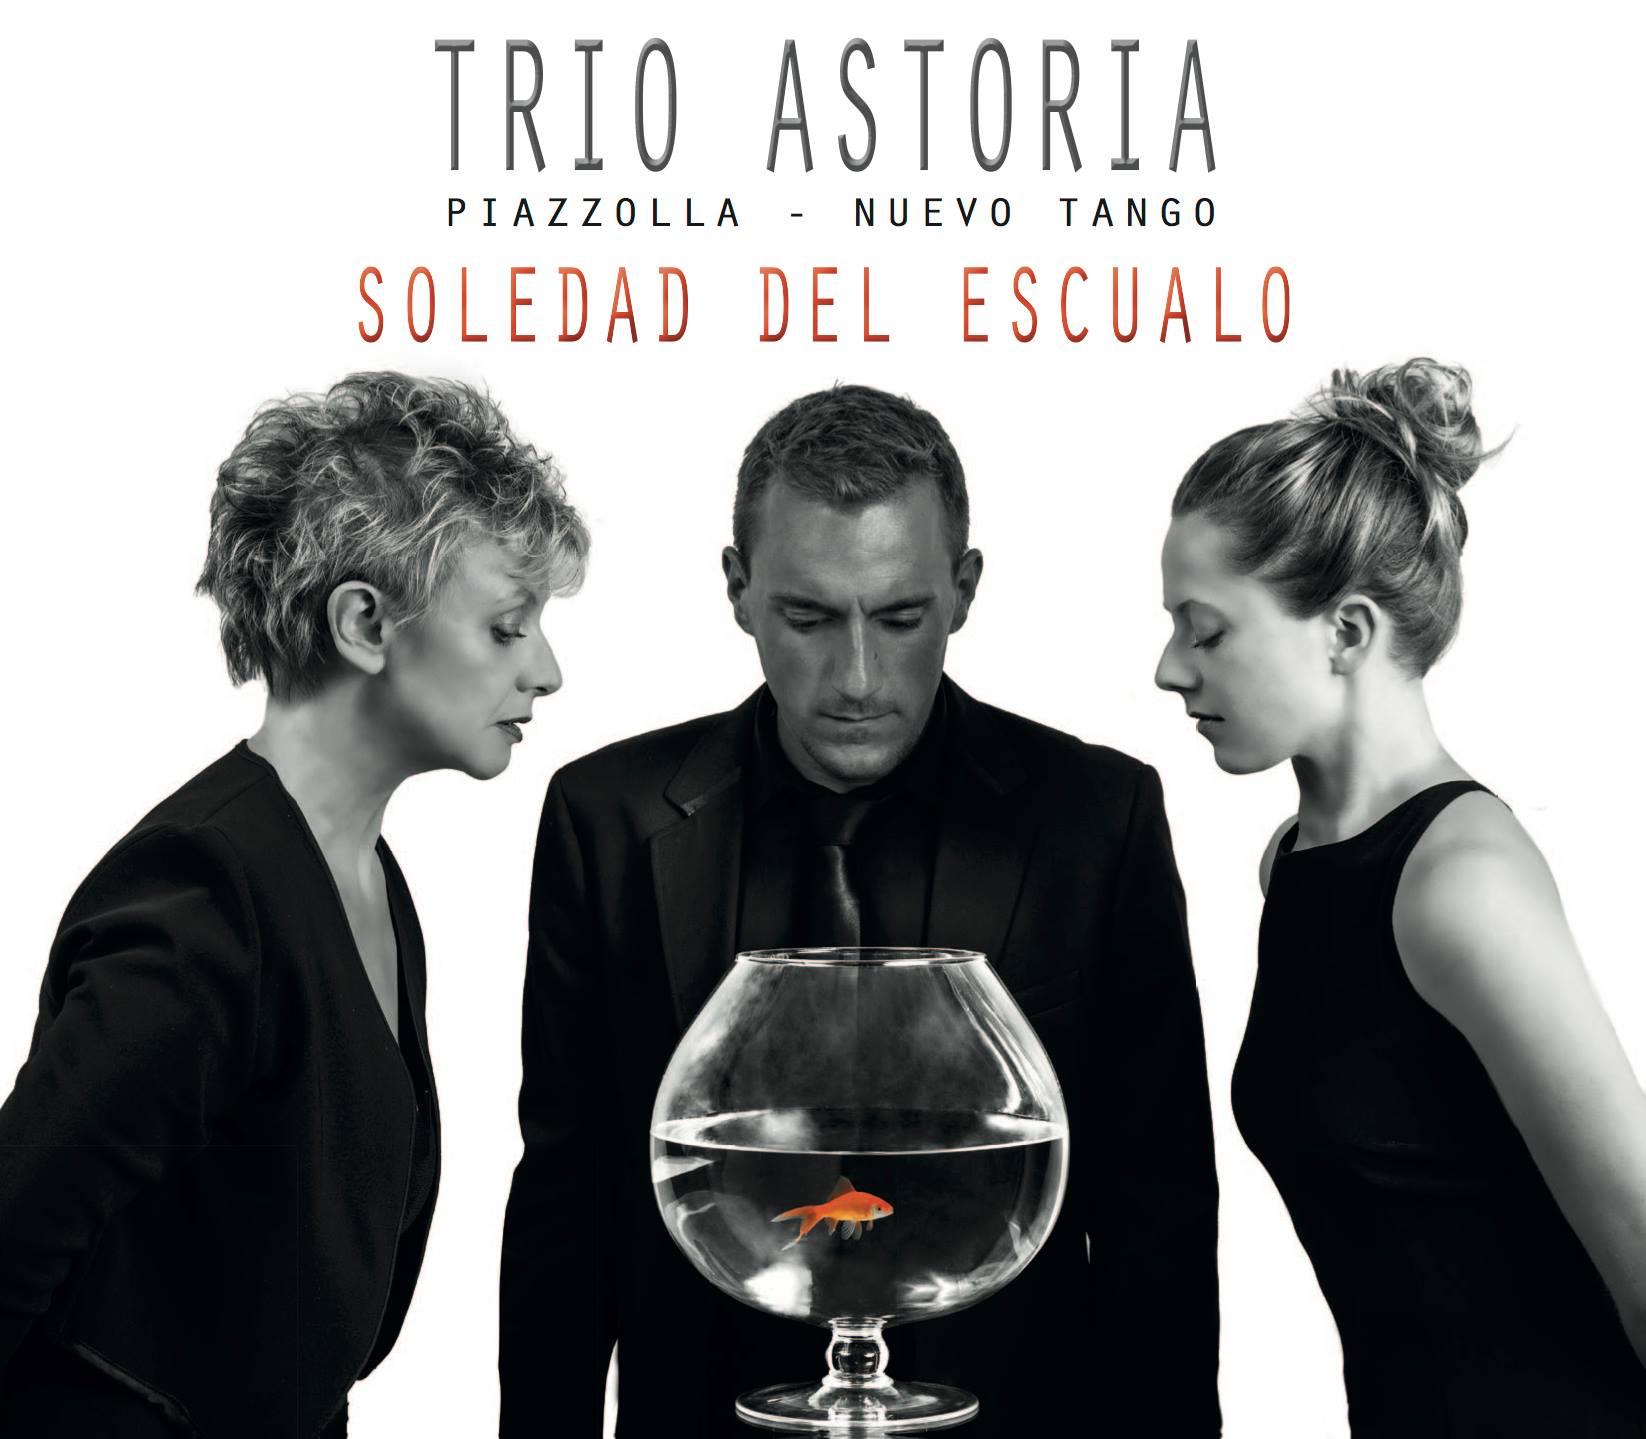 Couv disque Astoria